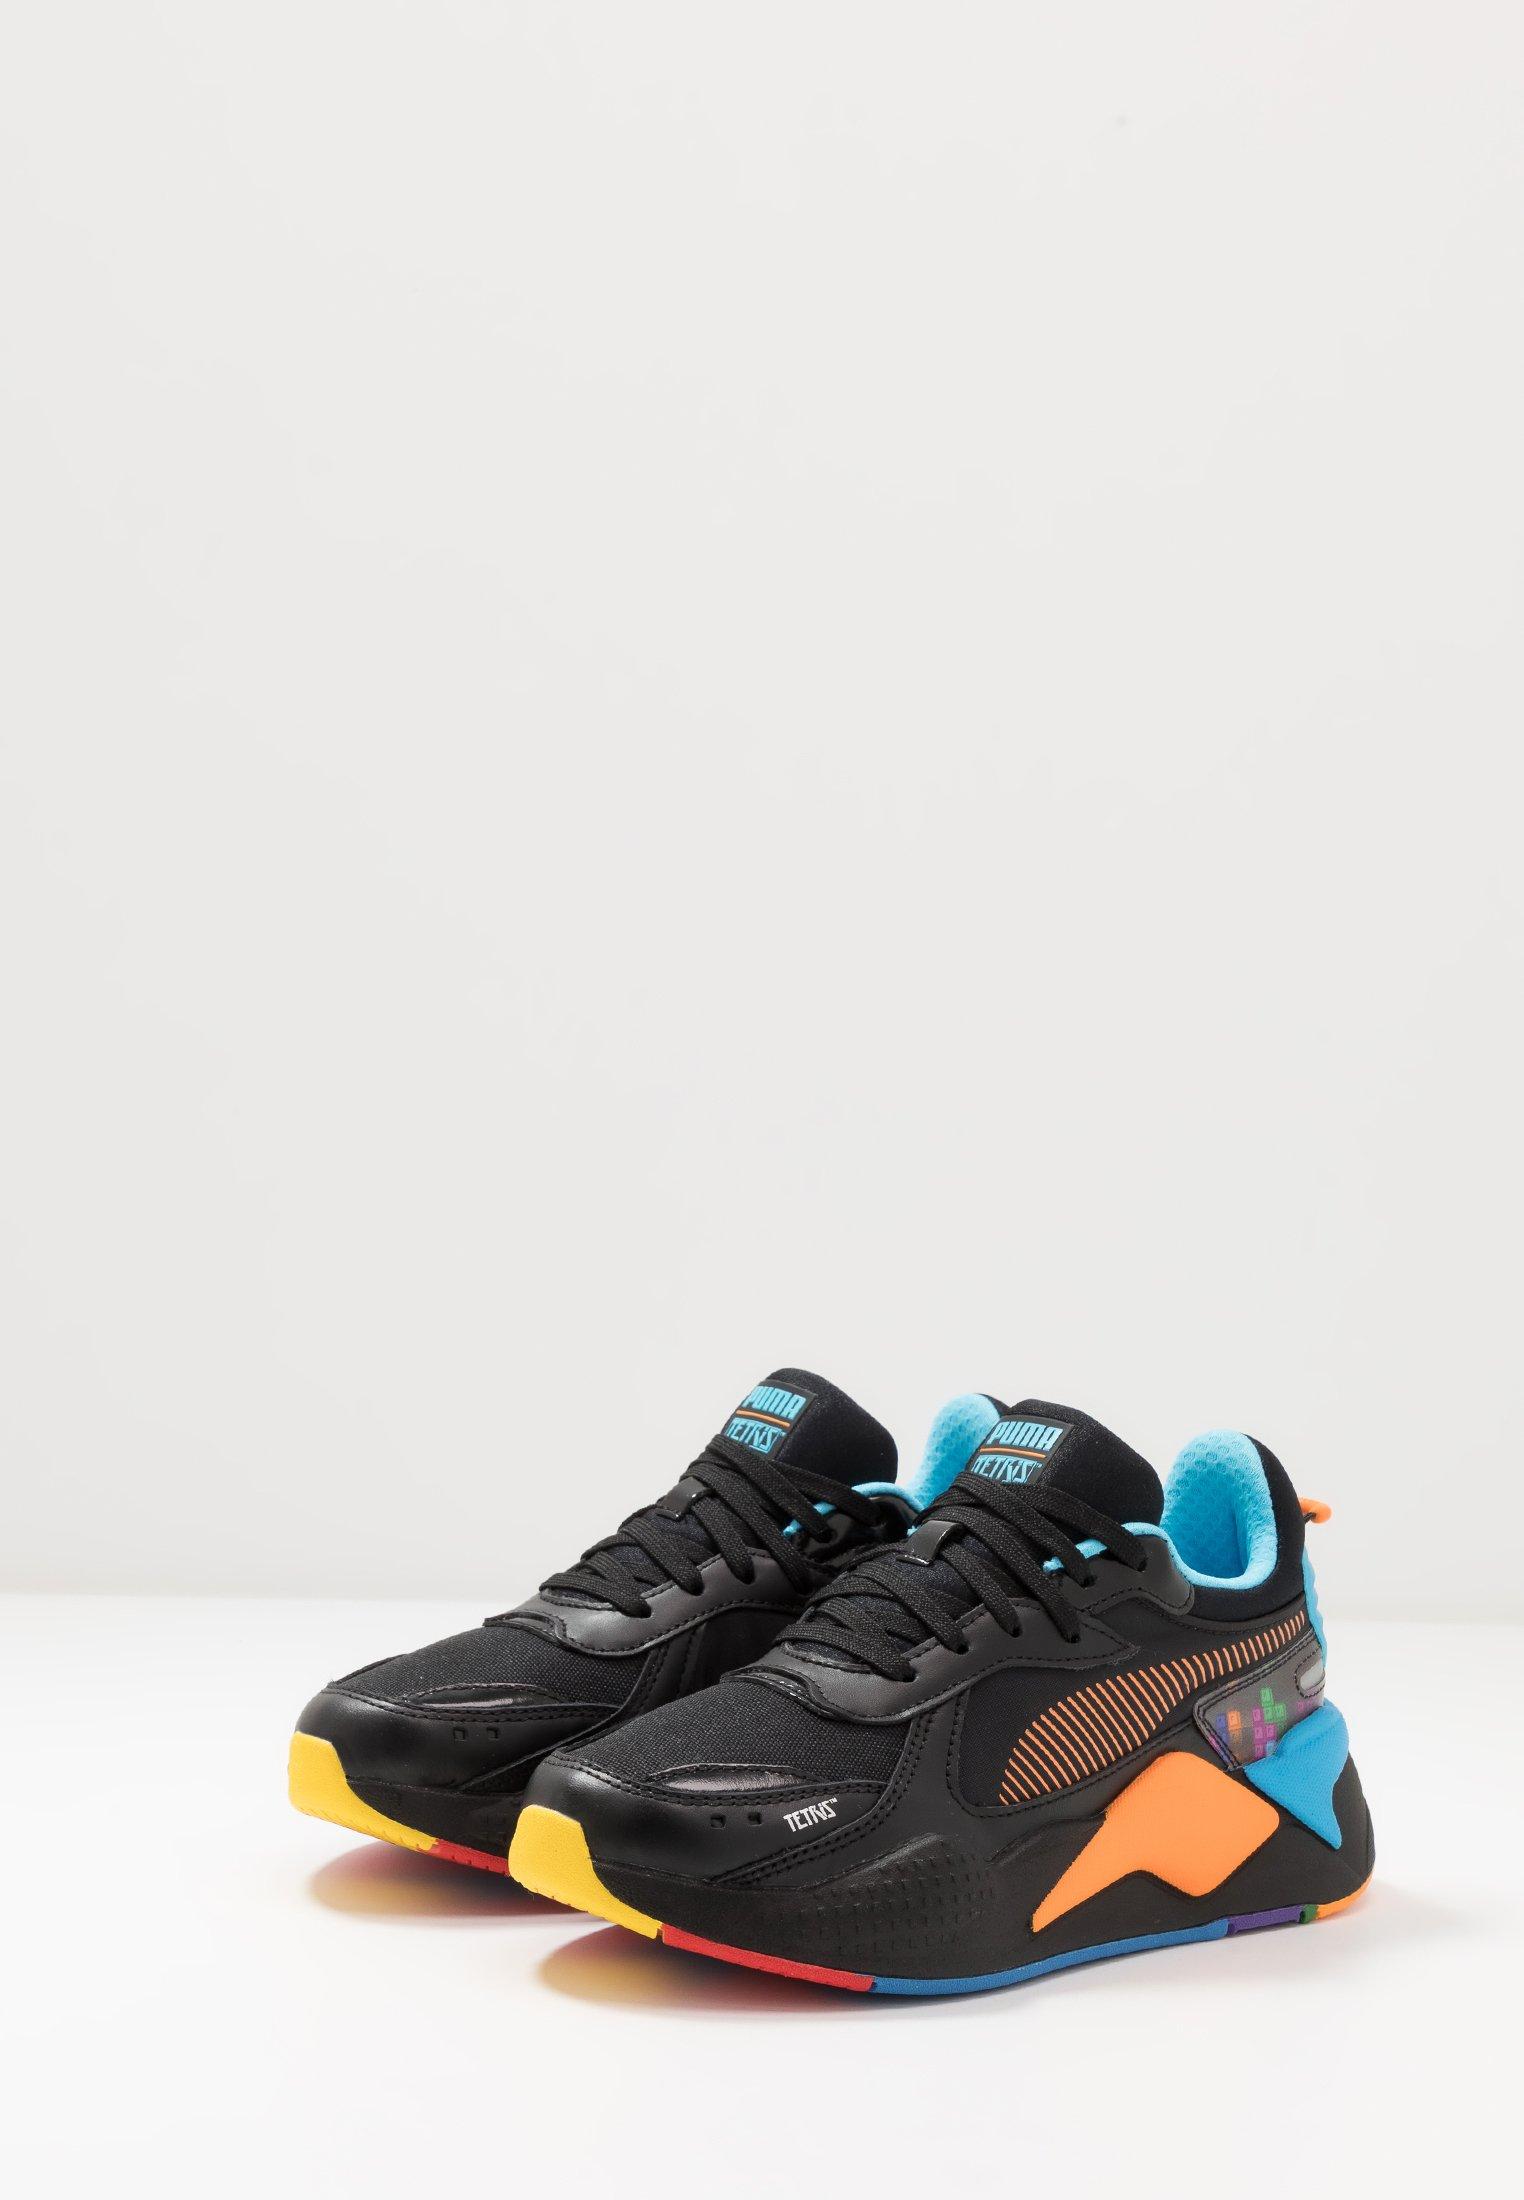 x Basse Black Puma Blue Rs TetrisSneakers luminous X 1FTlKcJ